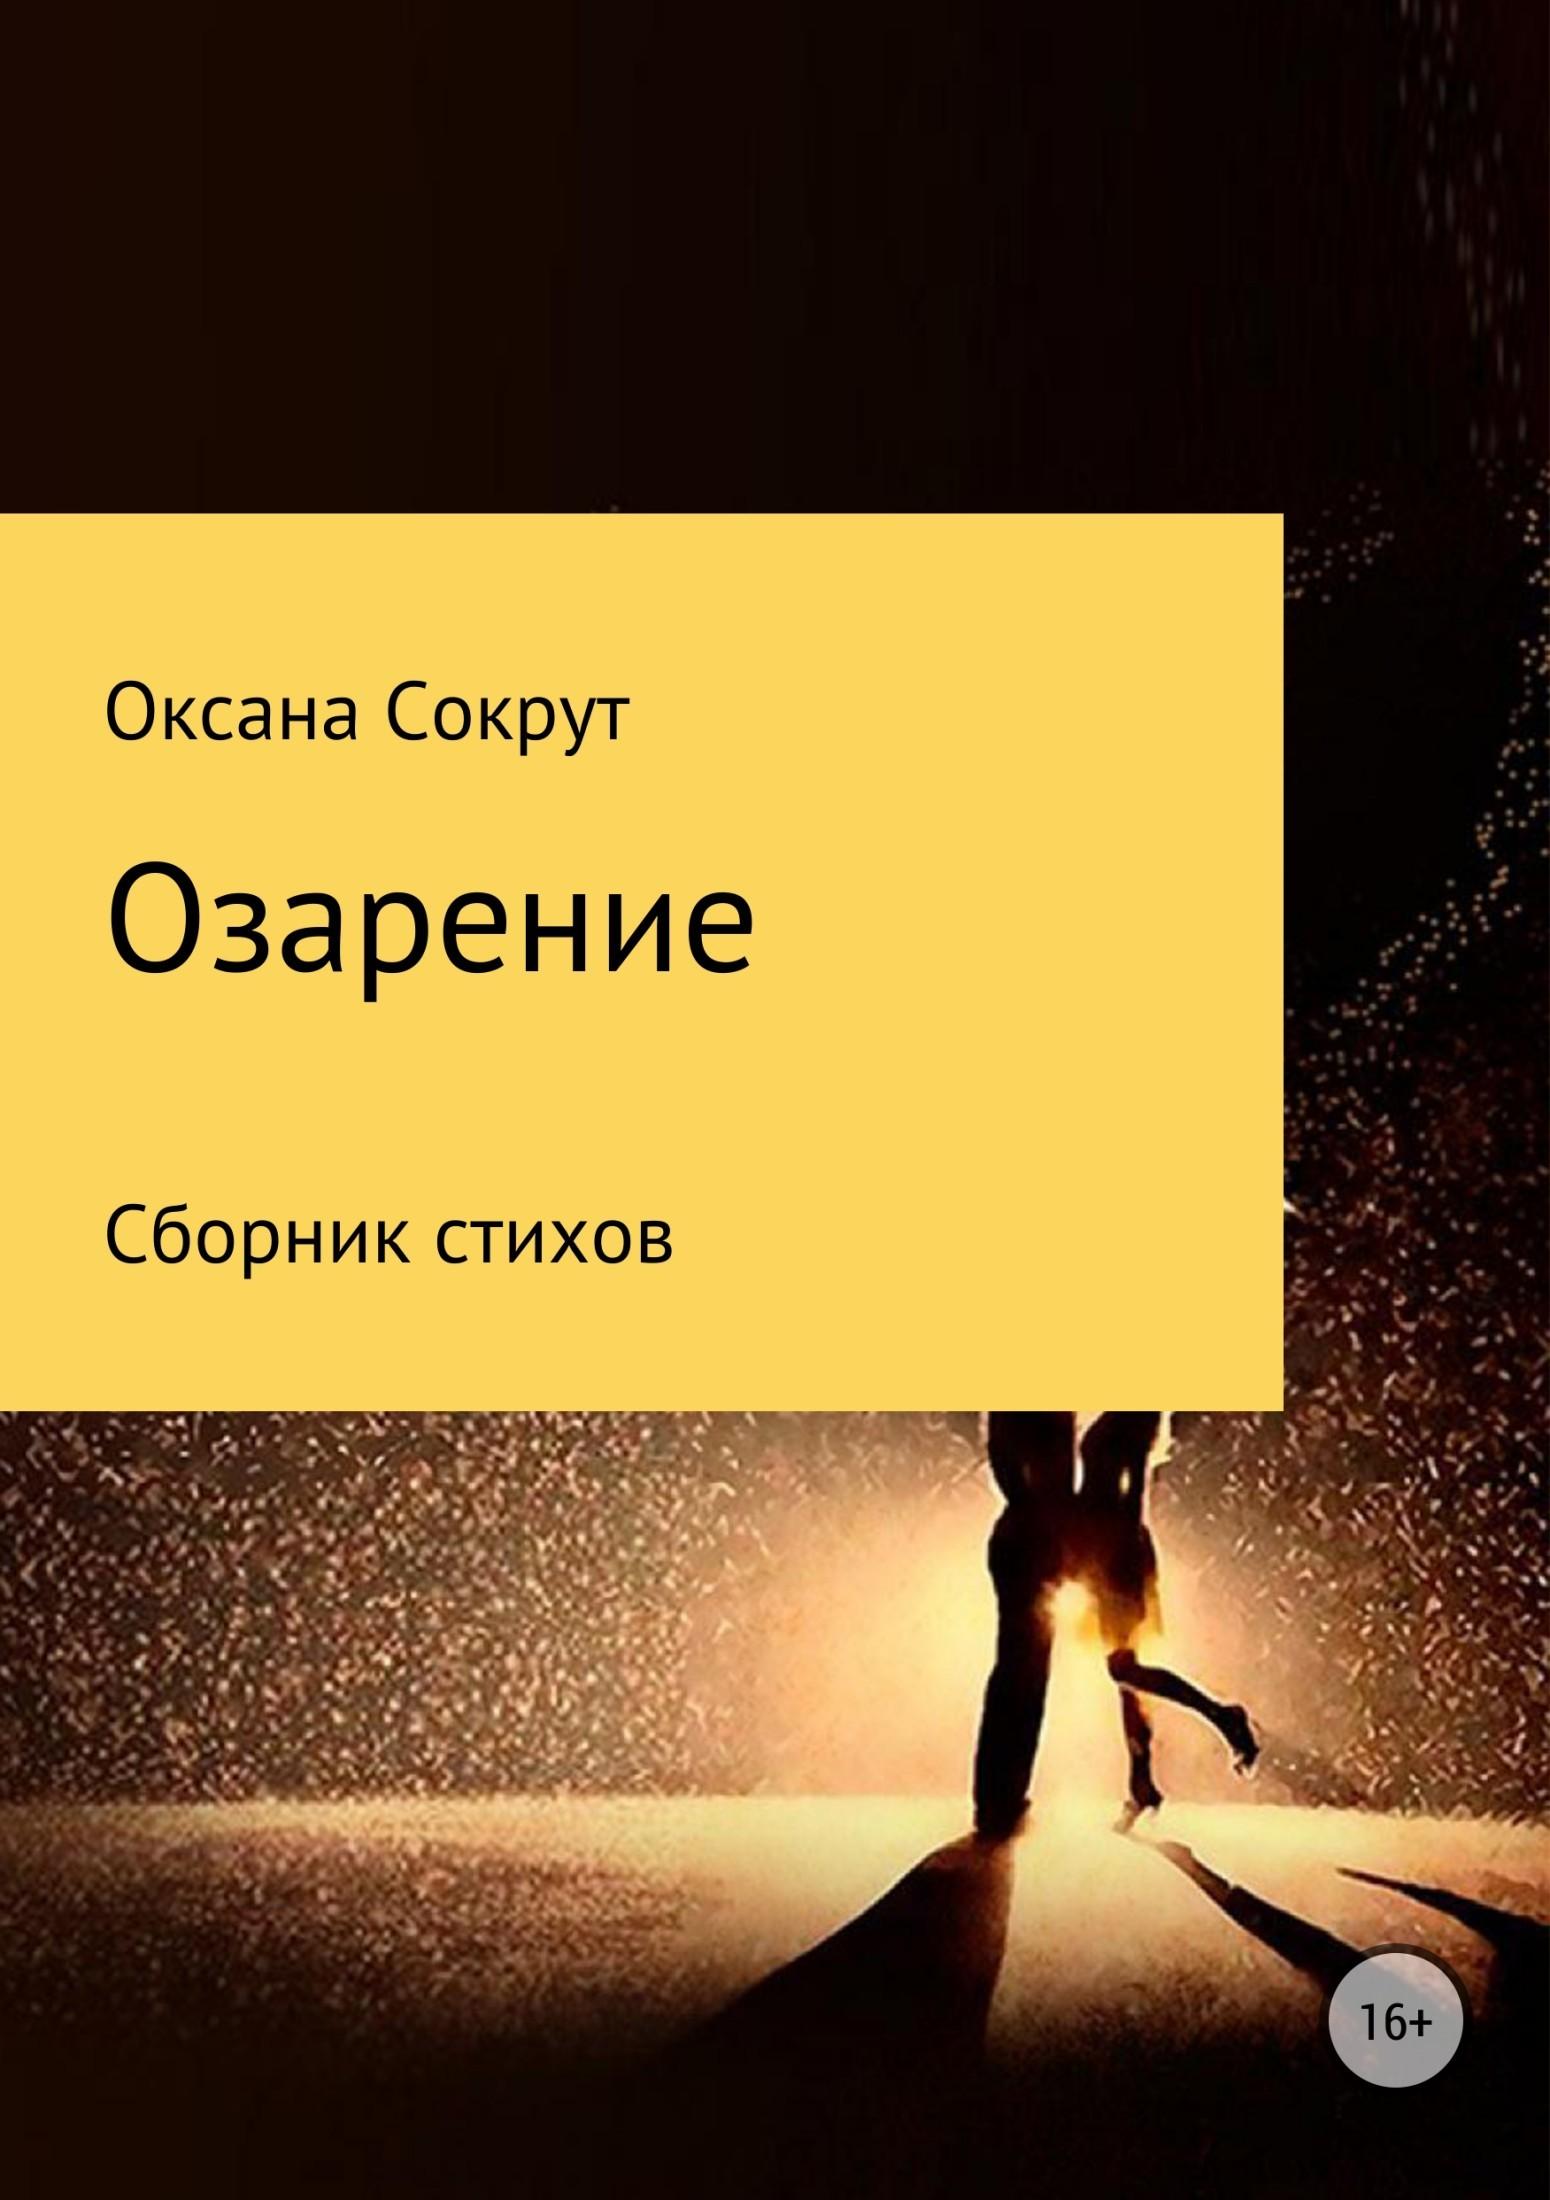 Оксана Николаевна Сокрут Озарение. Сборник стихов дария тарасова любовь бывает разная